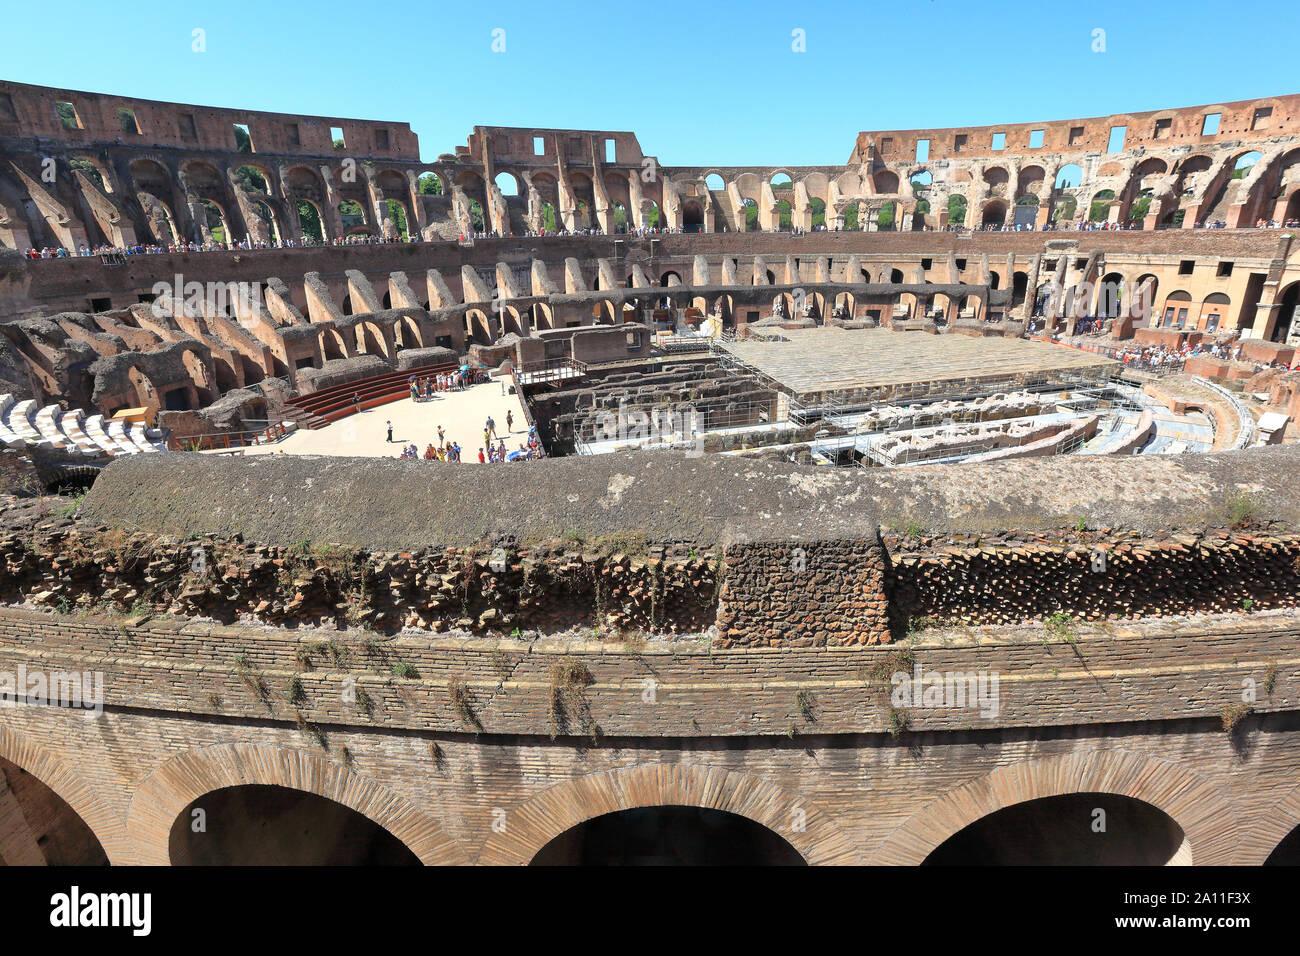 Editorial - Roma, Italia 16 de junio 2019: El interior del Coliseo, ahora un importante destino turístico. Foto de stock